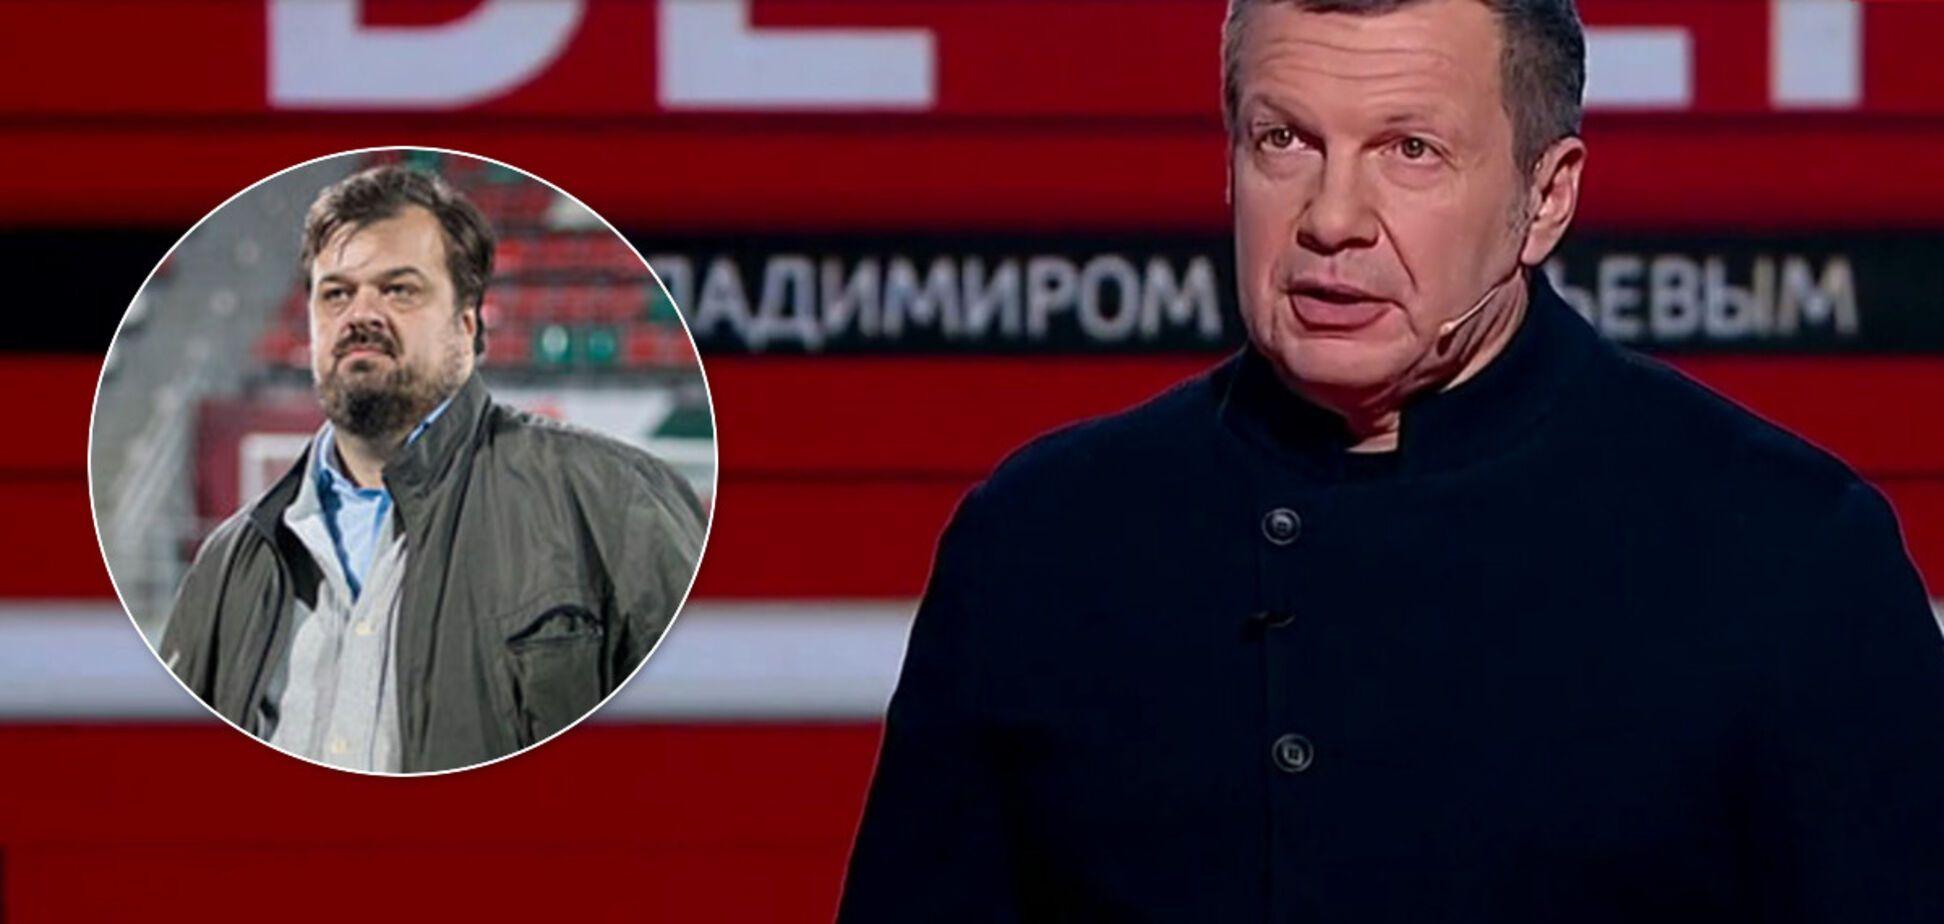 'Увижу, как его хватит удар': Уткин высказался о драке с Соловьевым